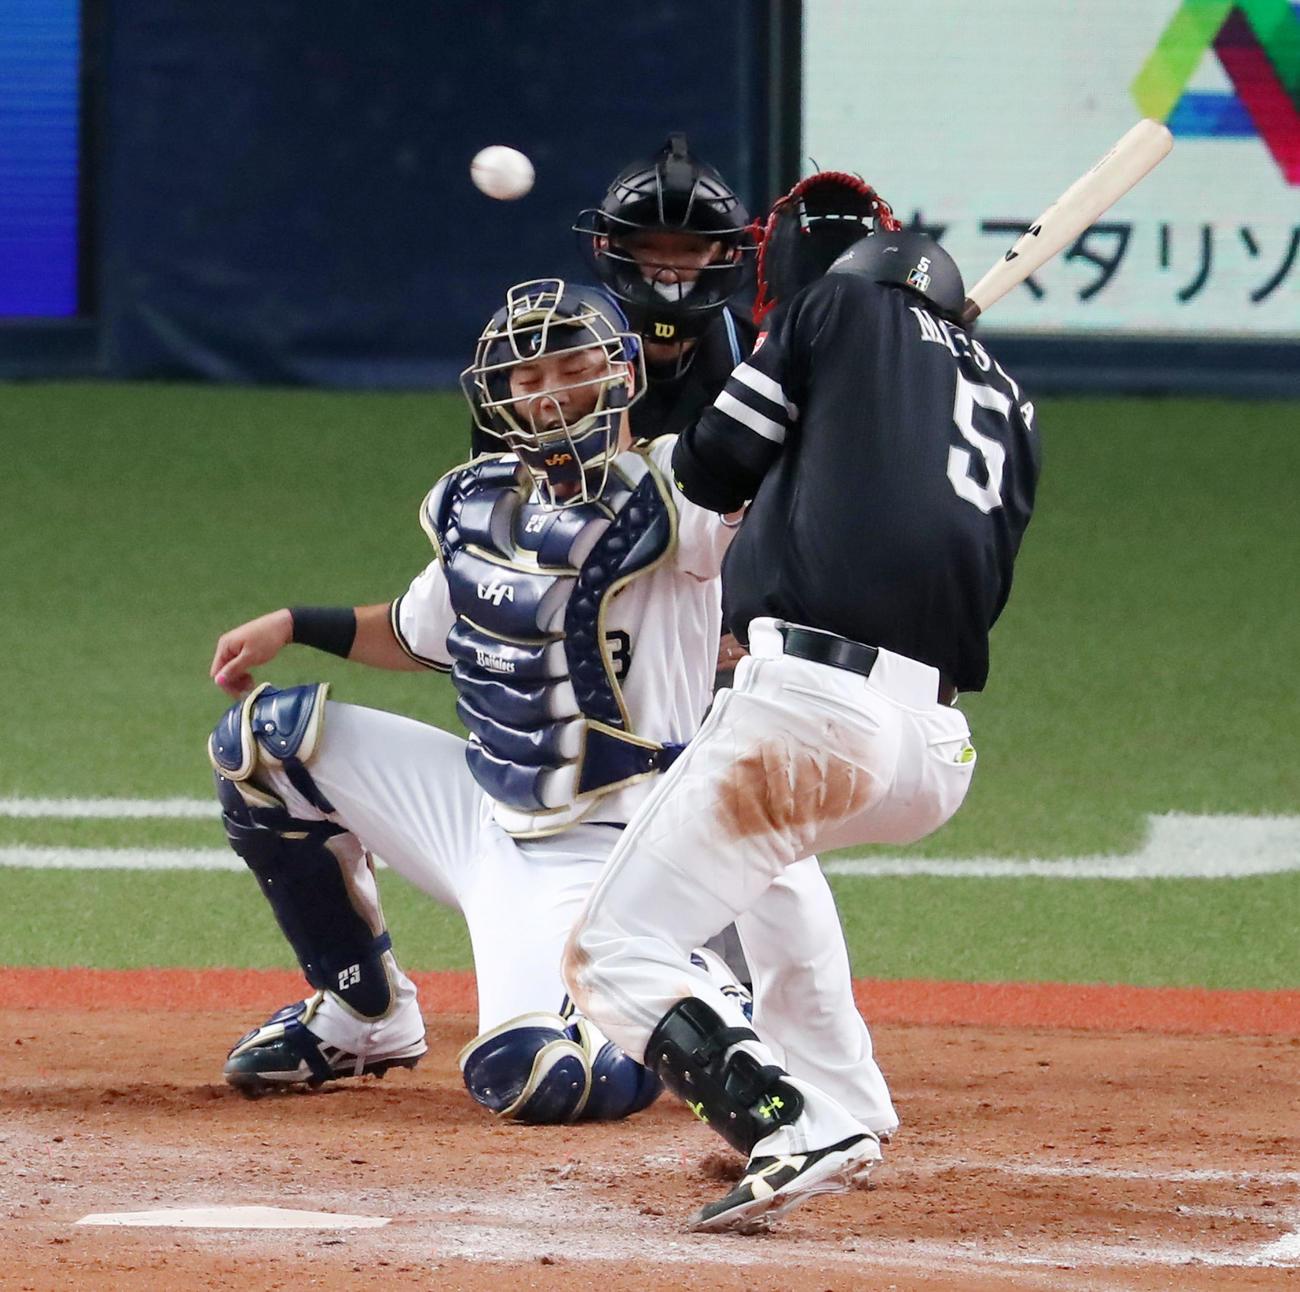 オリックス対ソフトバンク 8回表ソフトバンク2死一塁、松田宣は頭部に死球を受ける(撮影・加藤哉)